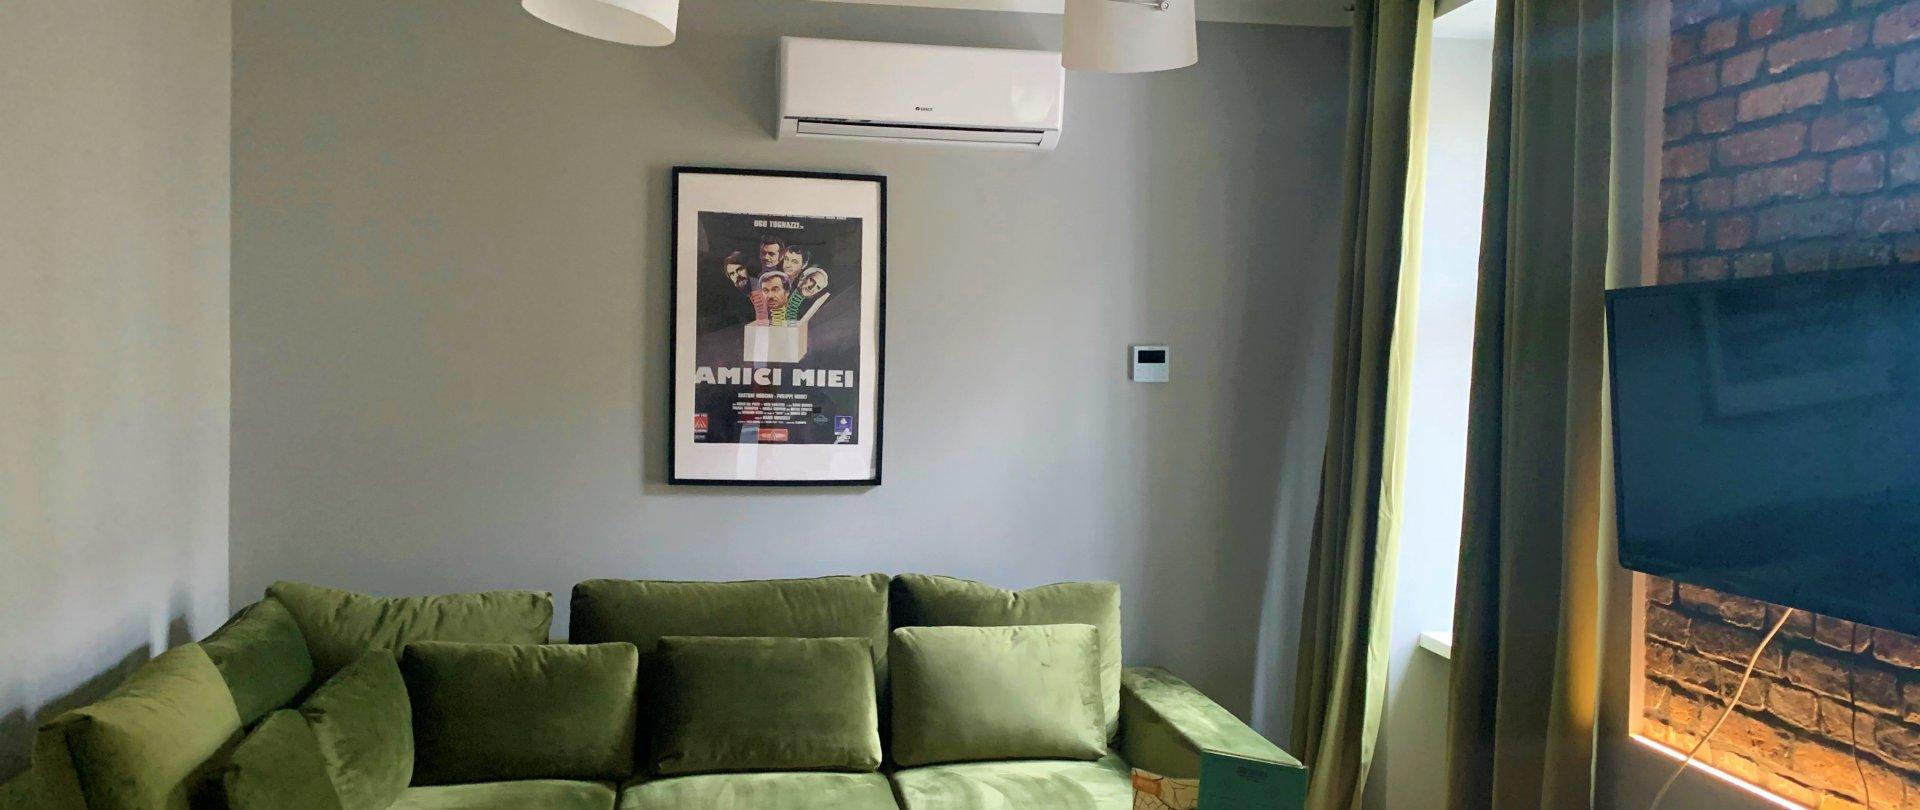 Apartament Amici Miei